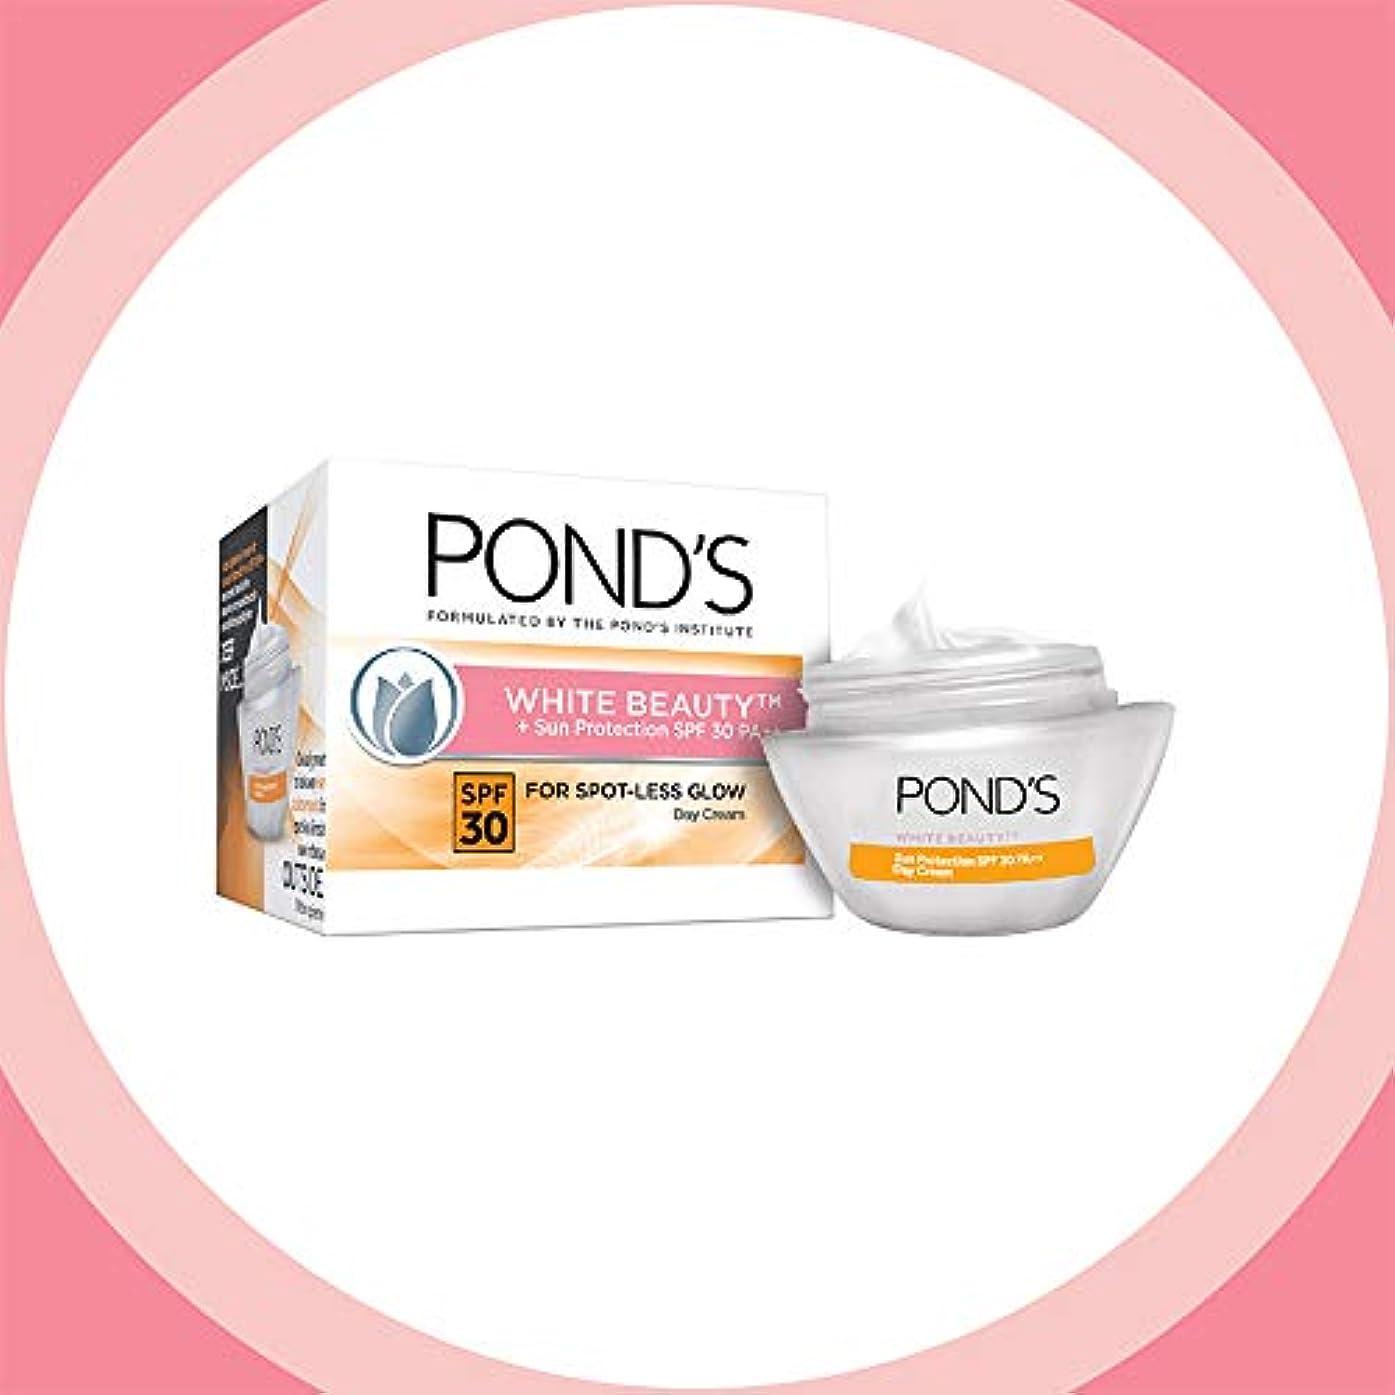 故障中バリー所得POND'S White Beauty Sun Protection SPF 30 Day Cream, 35 gms (並行インポート) India